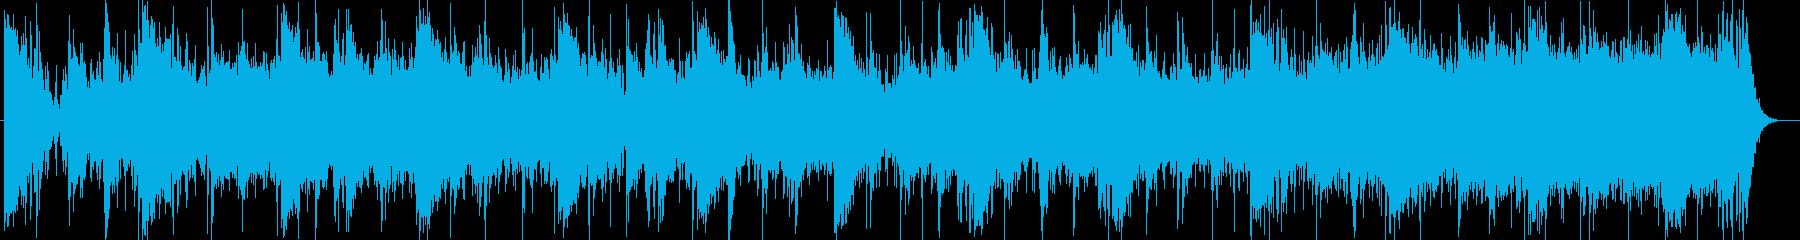 近未来的なシンセサイザー打楽器サウンドの再生済みの波形